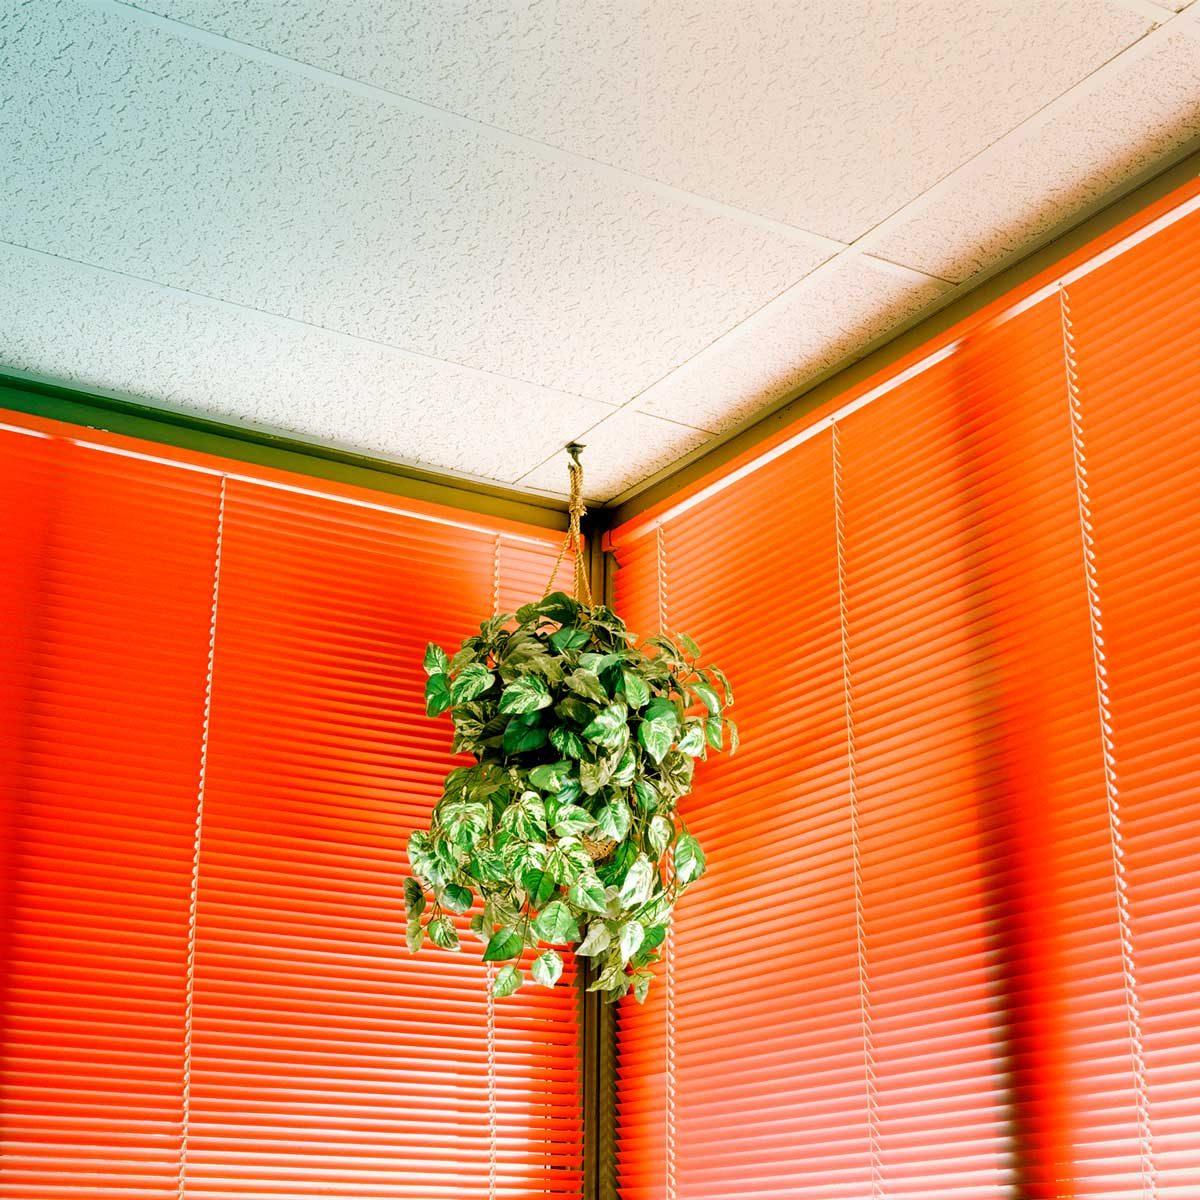 Indoor hanging plant